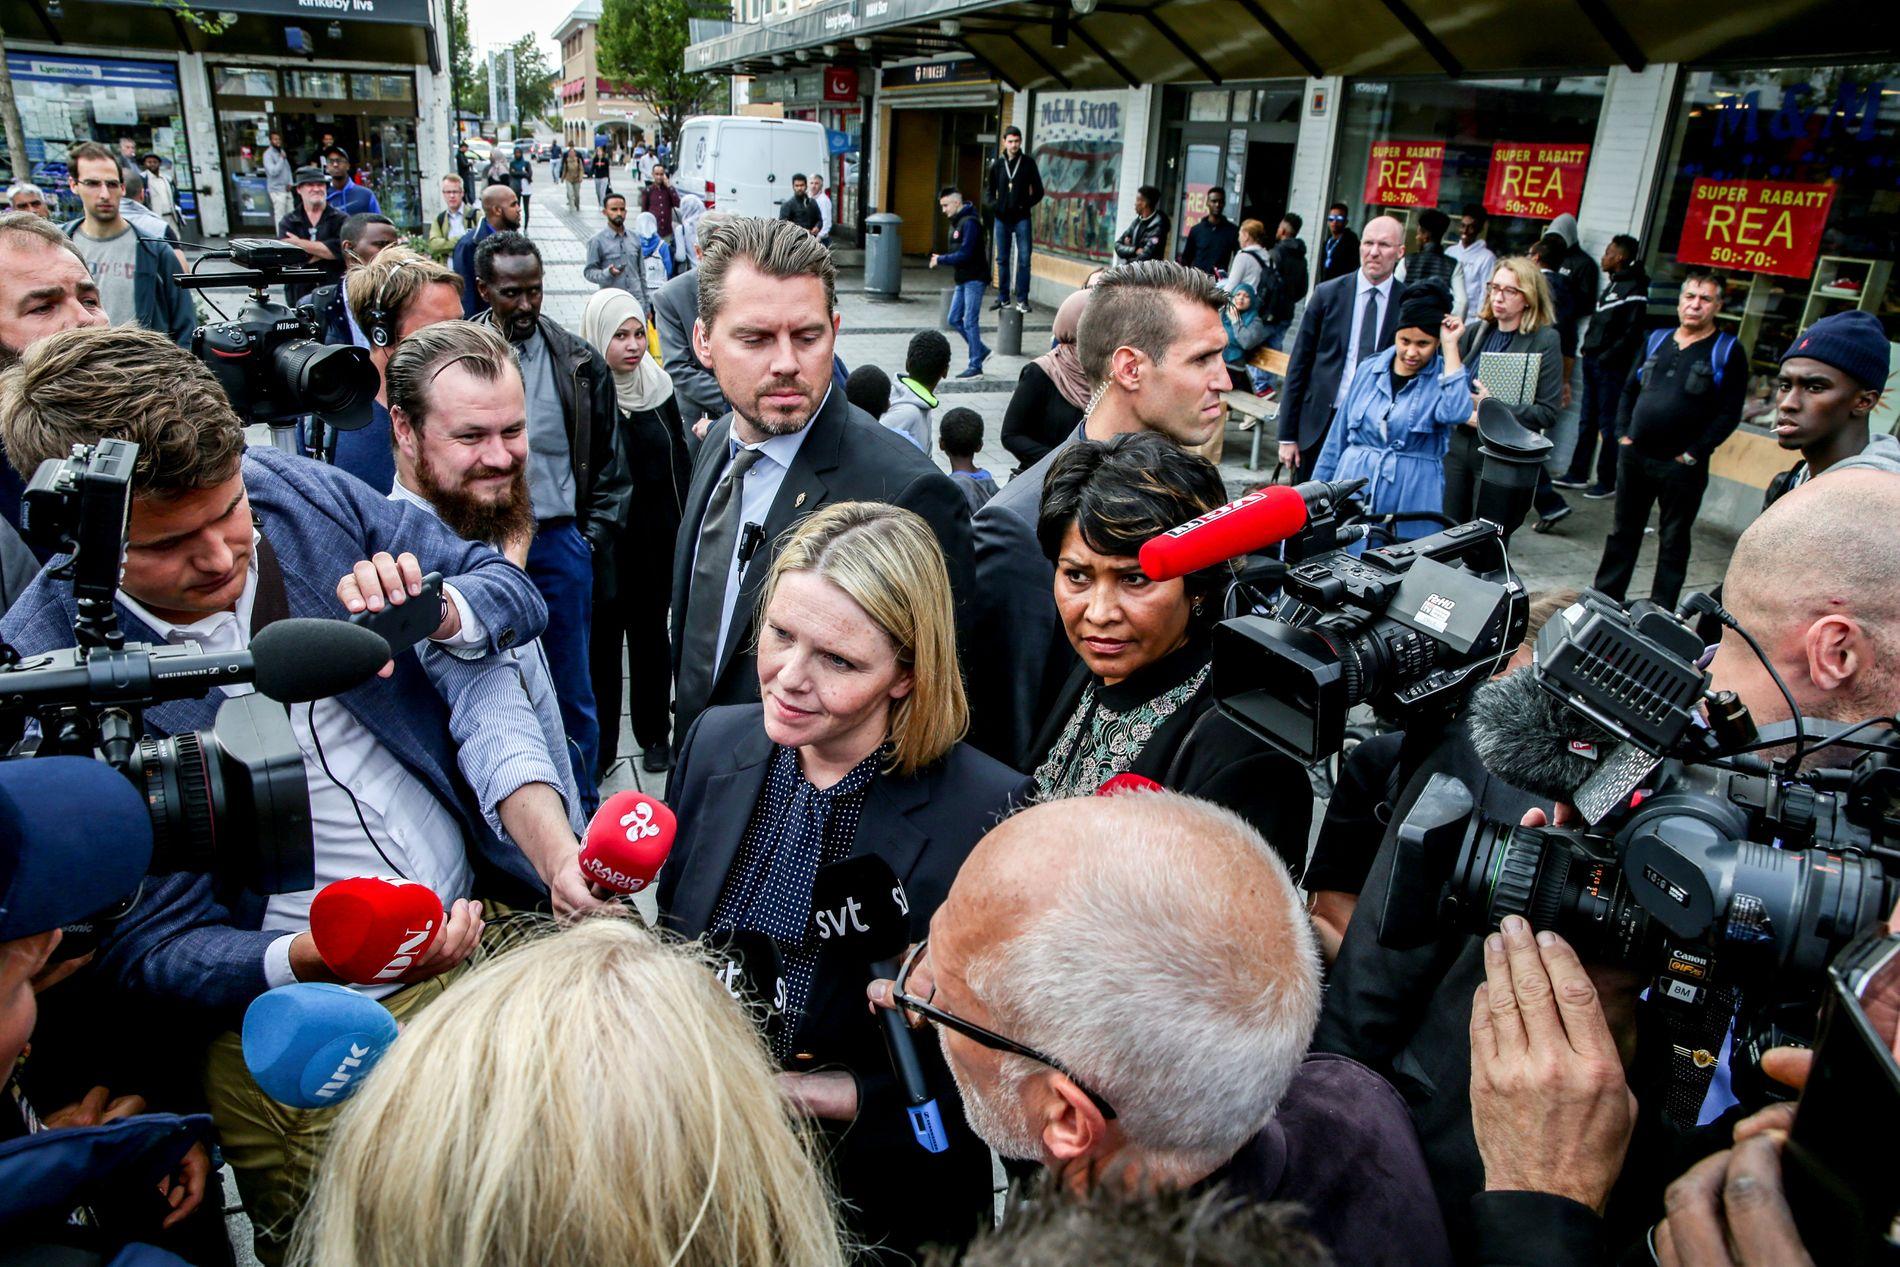 NY JUSTISMINISTER: Sylvi Listhaug (Frp) er blitt justis- og innvandringsminister. – Enkelte har et håp om at Listhaug får mindre tid til krasse innvandringsutspill når porteføljen er toppet med både justis og beredskap, skriver kommentator Eirin Eikefjord.